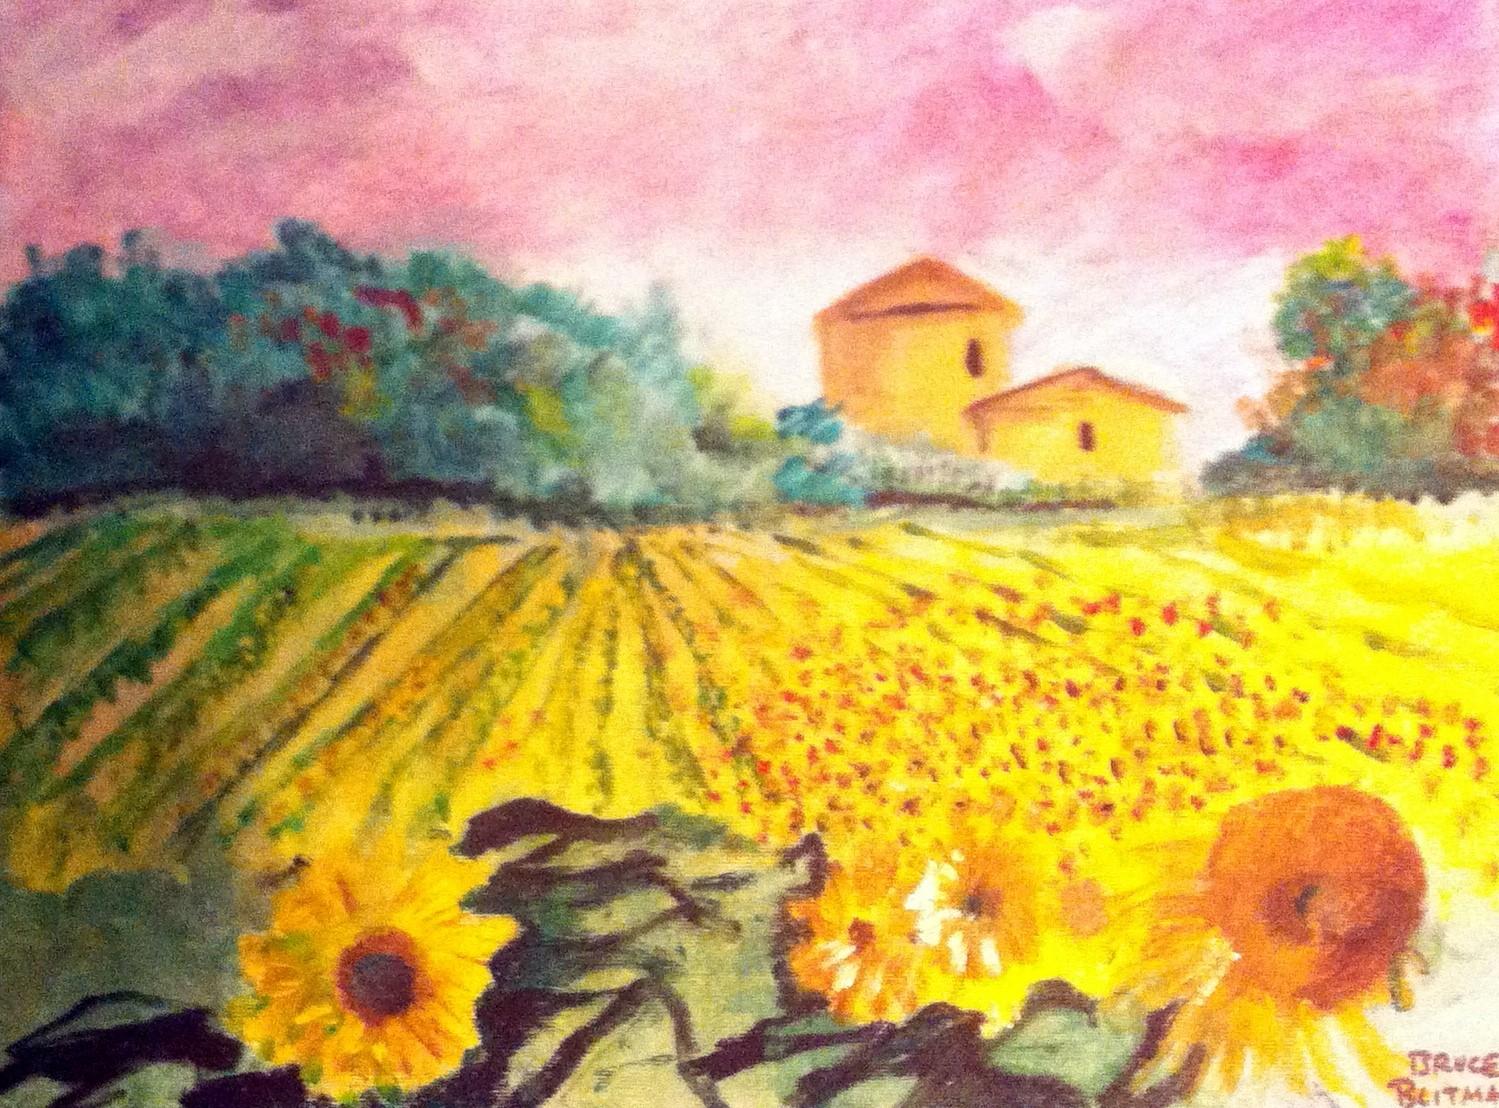 sunflower-field-by-bruce-blitman